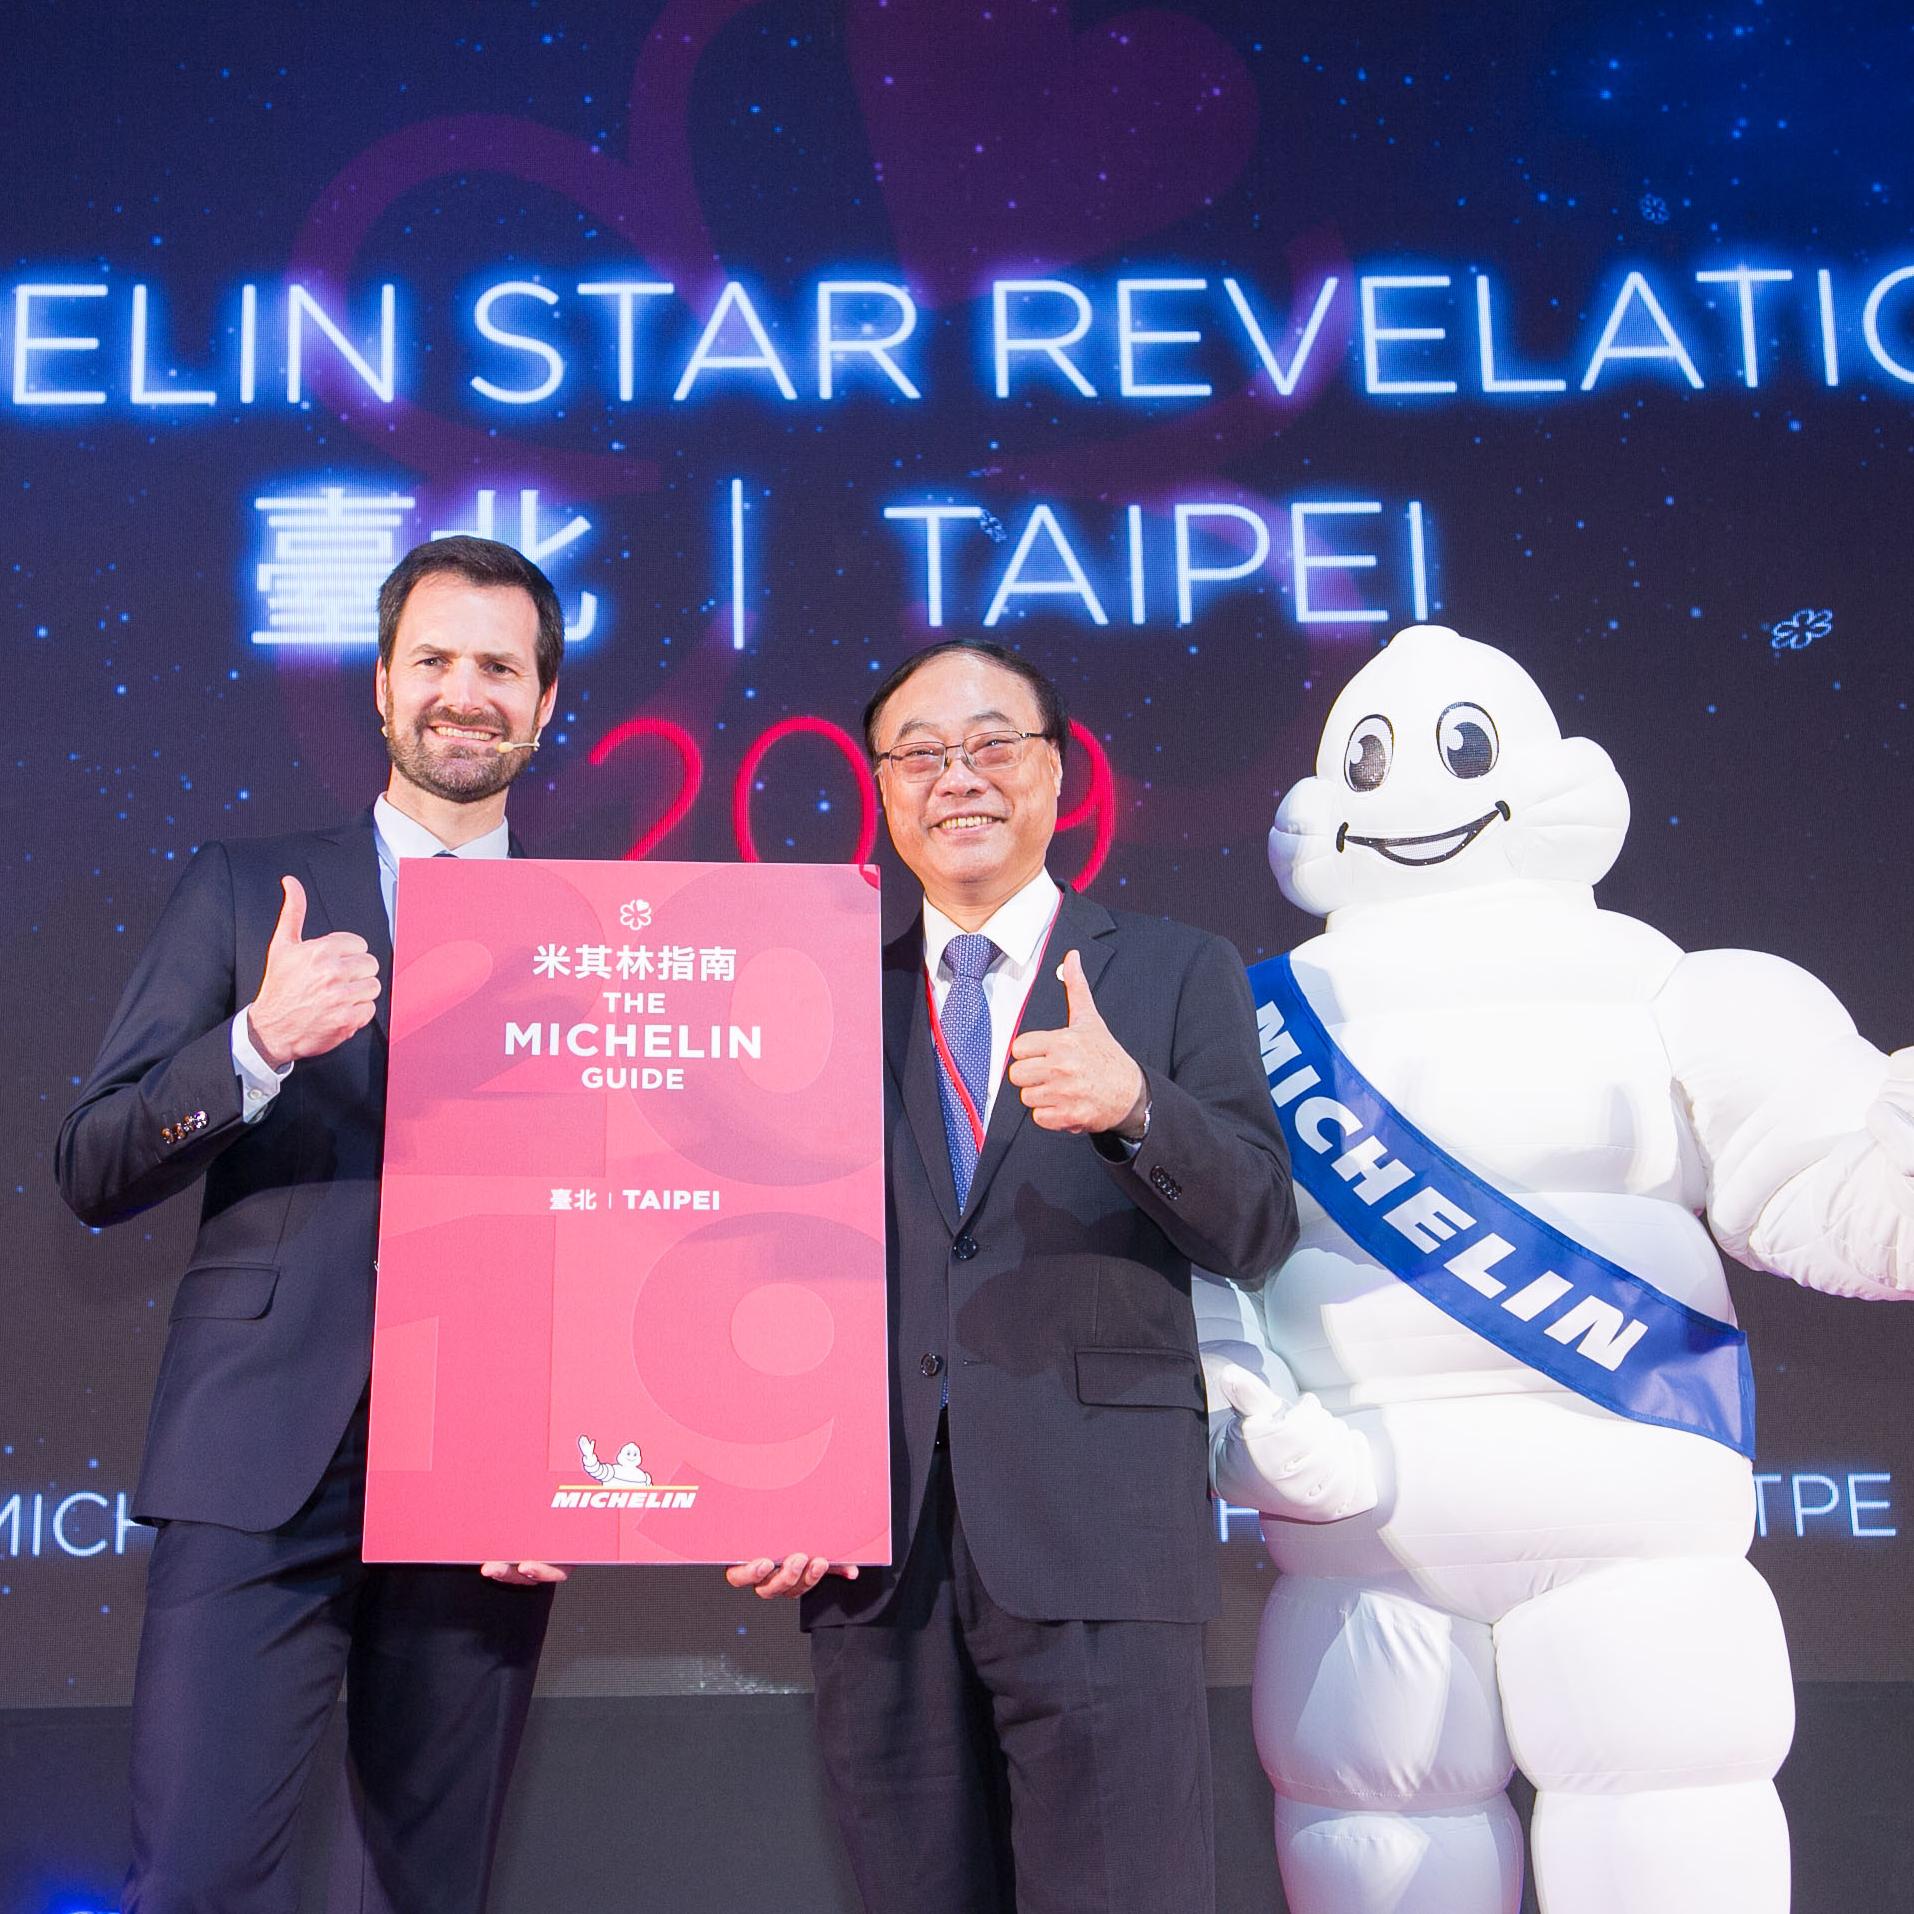 《臺北米其林指南2019》:3家二星餐廳新上榜